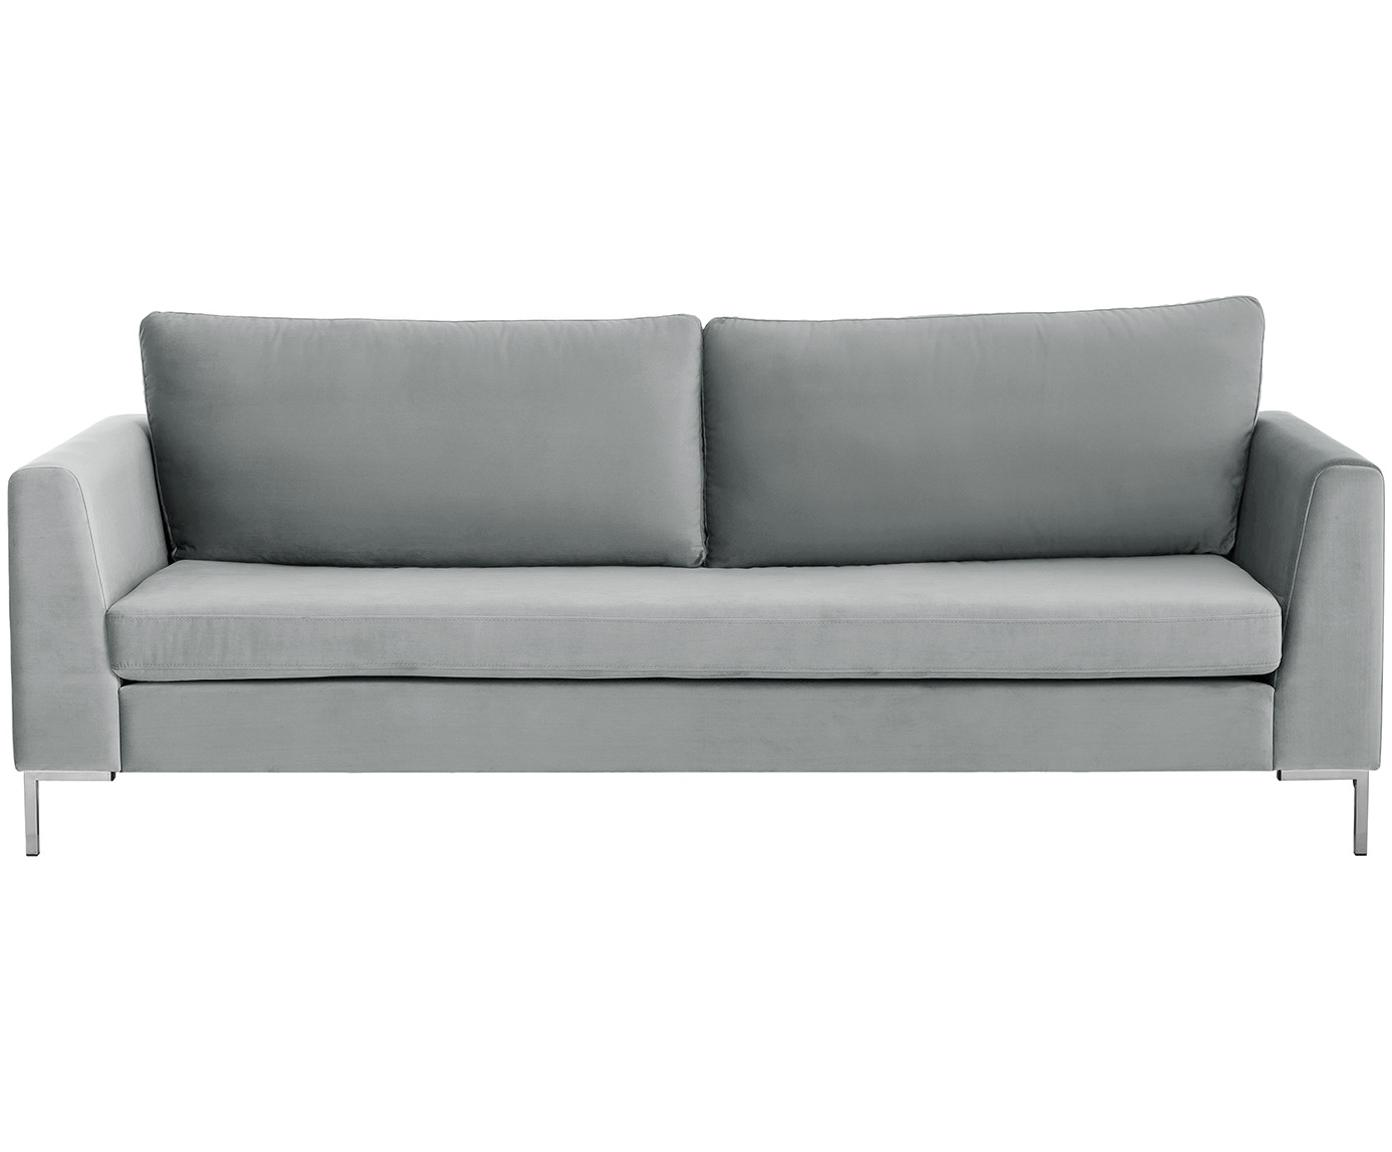 Sofa z aksamitu Luna (3-osobowa), Tapicerka: aksamit (poliester) 8000, Stelaż: lite drewno bukowe, Nogi: metal galwanizowany, Aksamitny jasny szary, srebrny, S 230 x G 95 cm